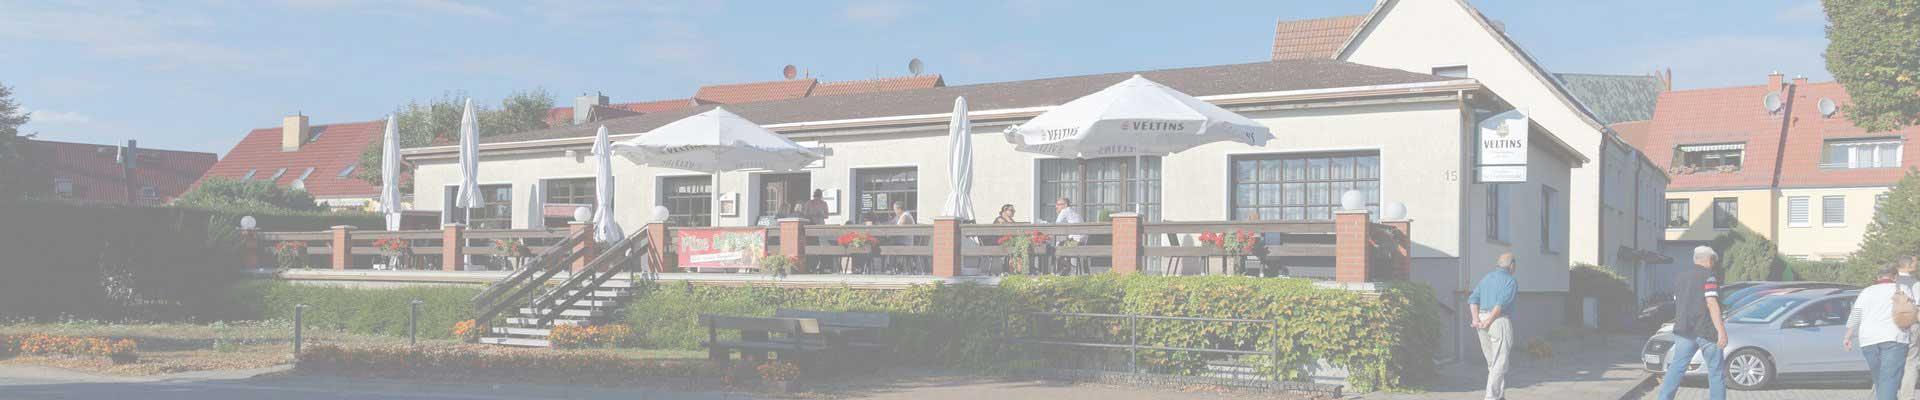 Gaststätte *Zur Fischerstraße*